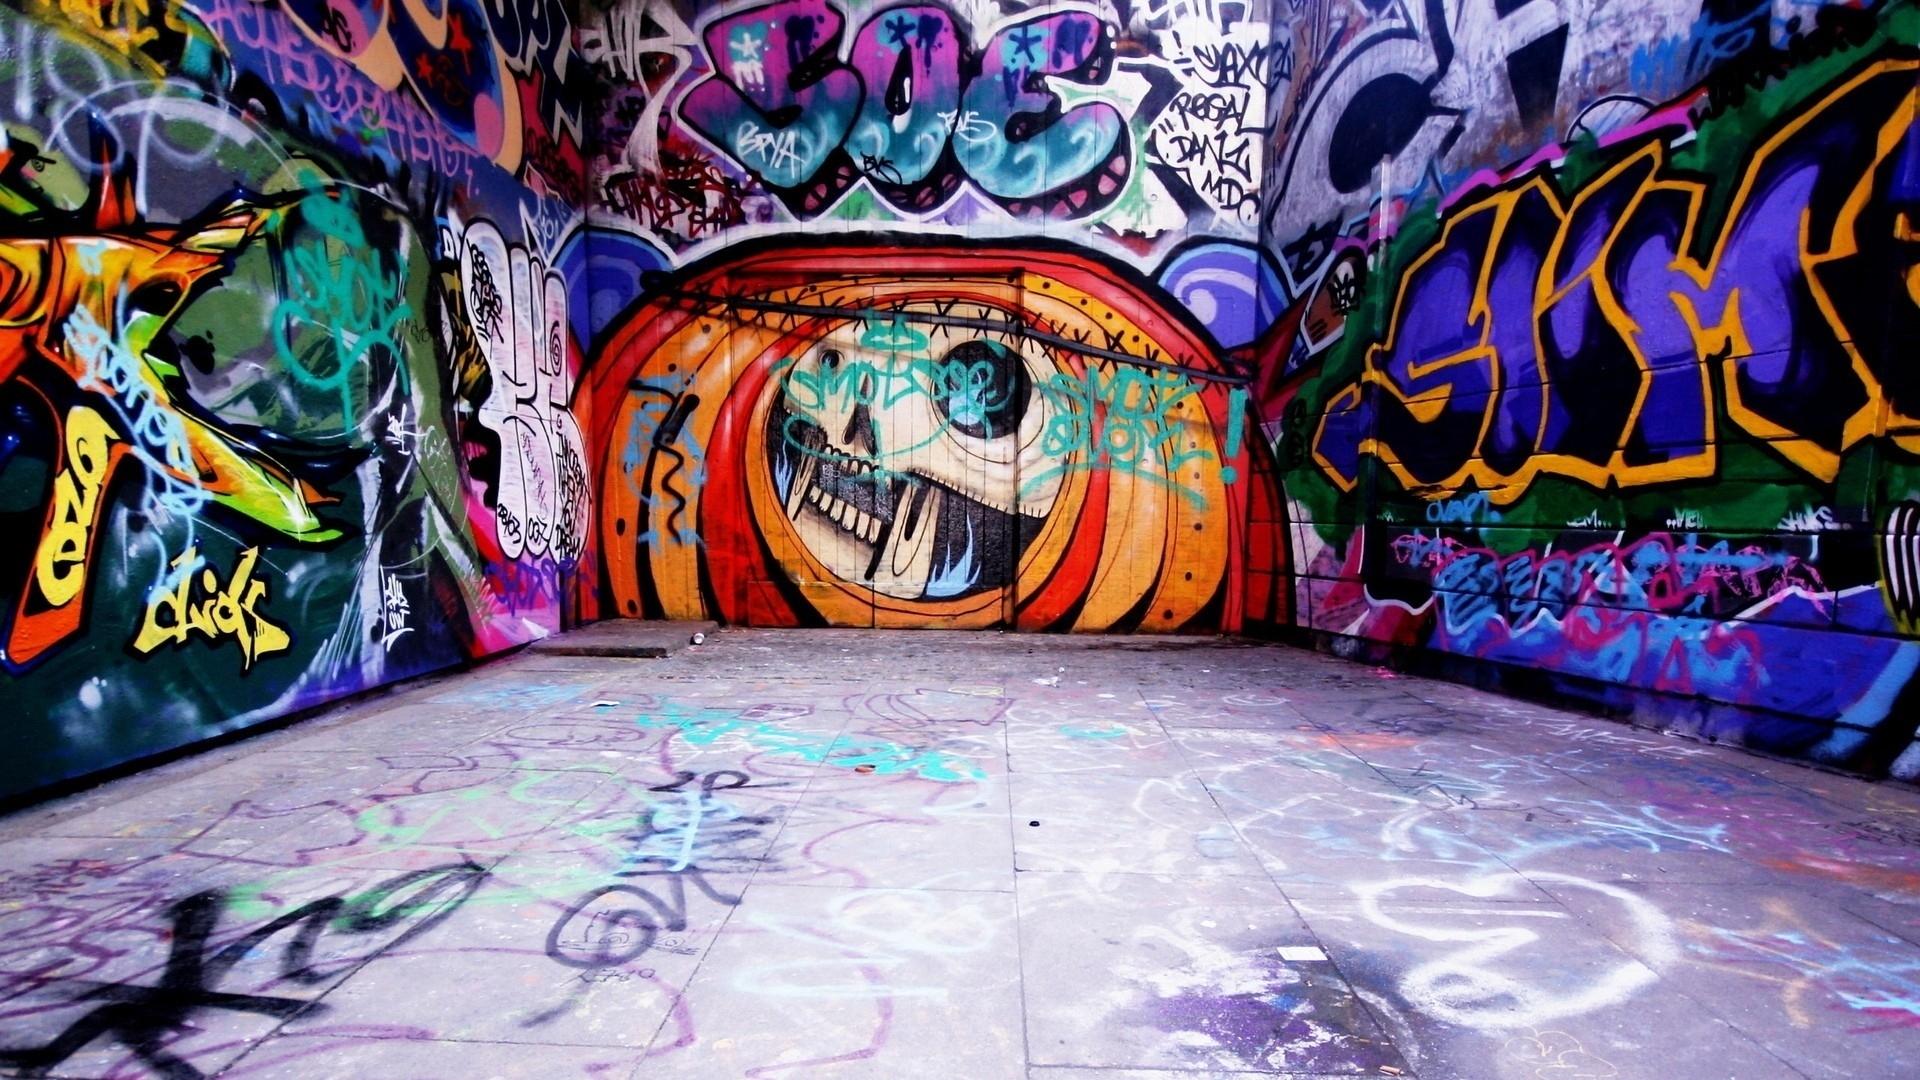 Graffiti Wall Art X Wallpaper Luxury Wall Art Wallpaper – Home Regarding Graffiti Wall Art (View 5 of 20)